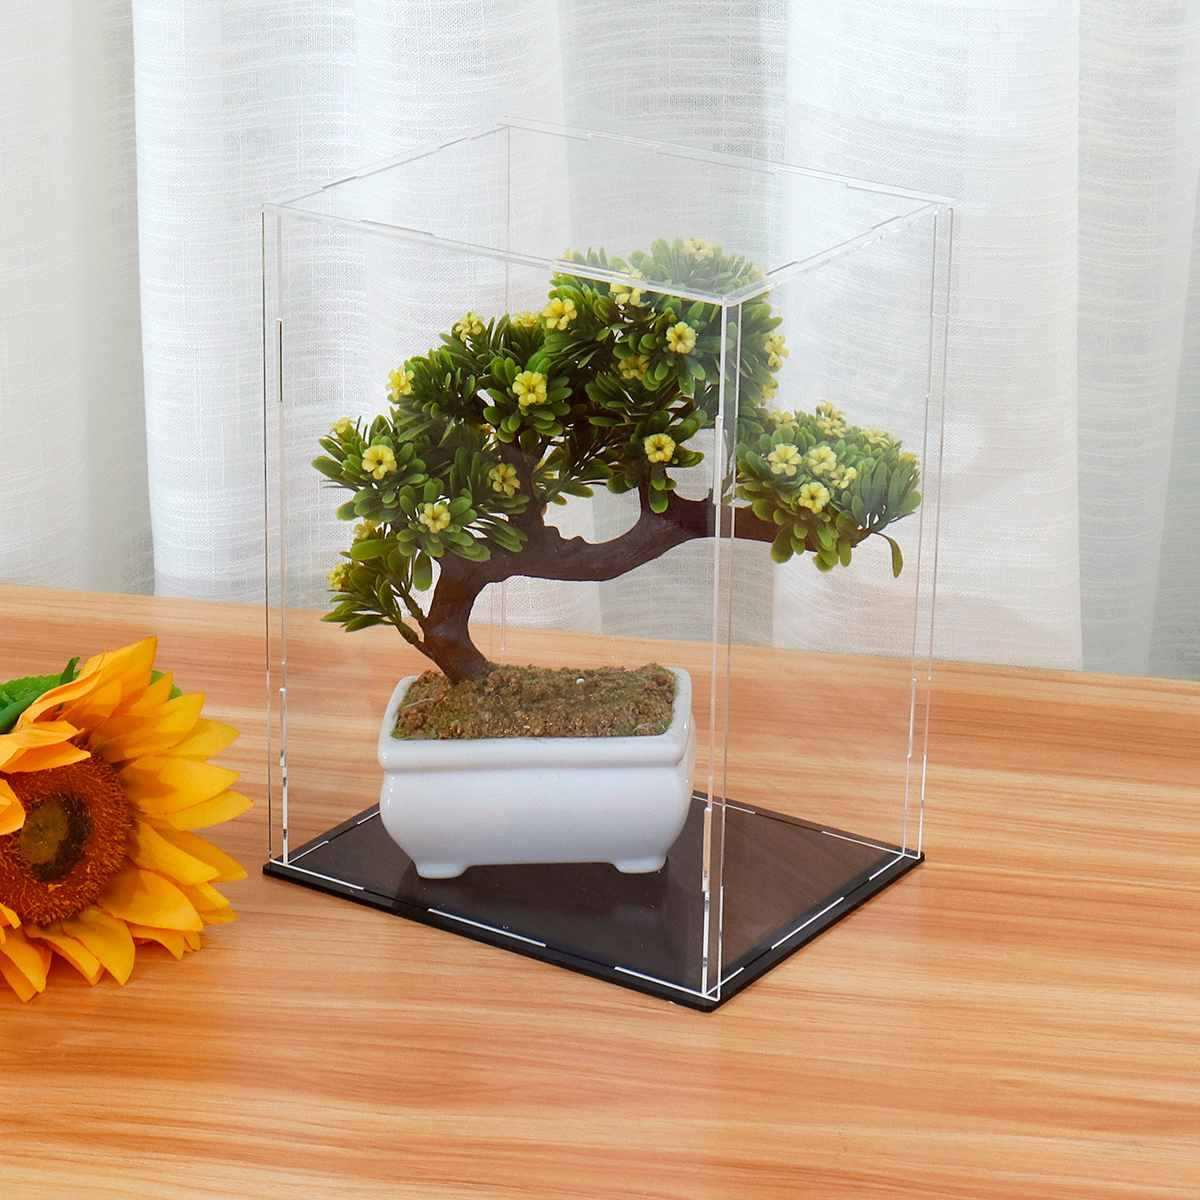 4 größe Acryl Display Zeigen Box Fall Cube Spielzeug Staub proof Tray Schutz Display Montiert Box Fall Für Kinder Blöcke spielzeug